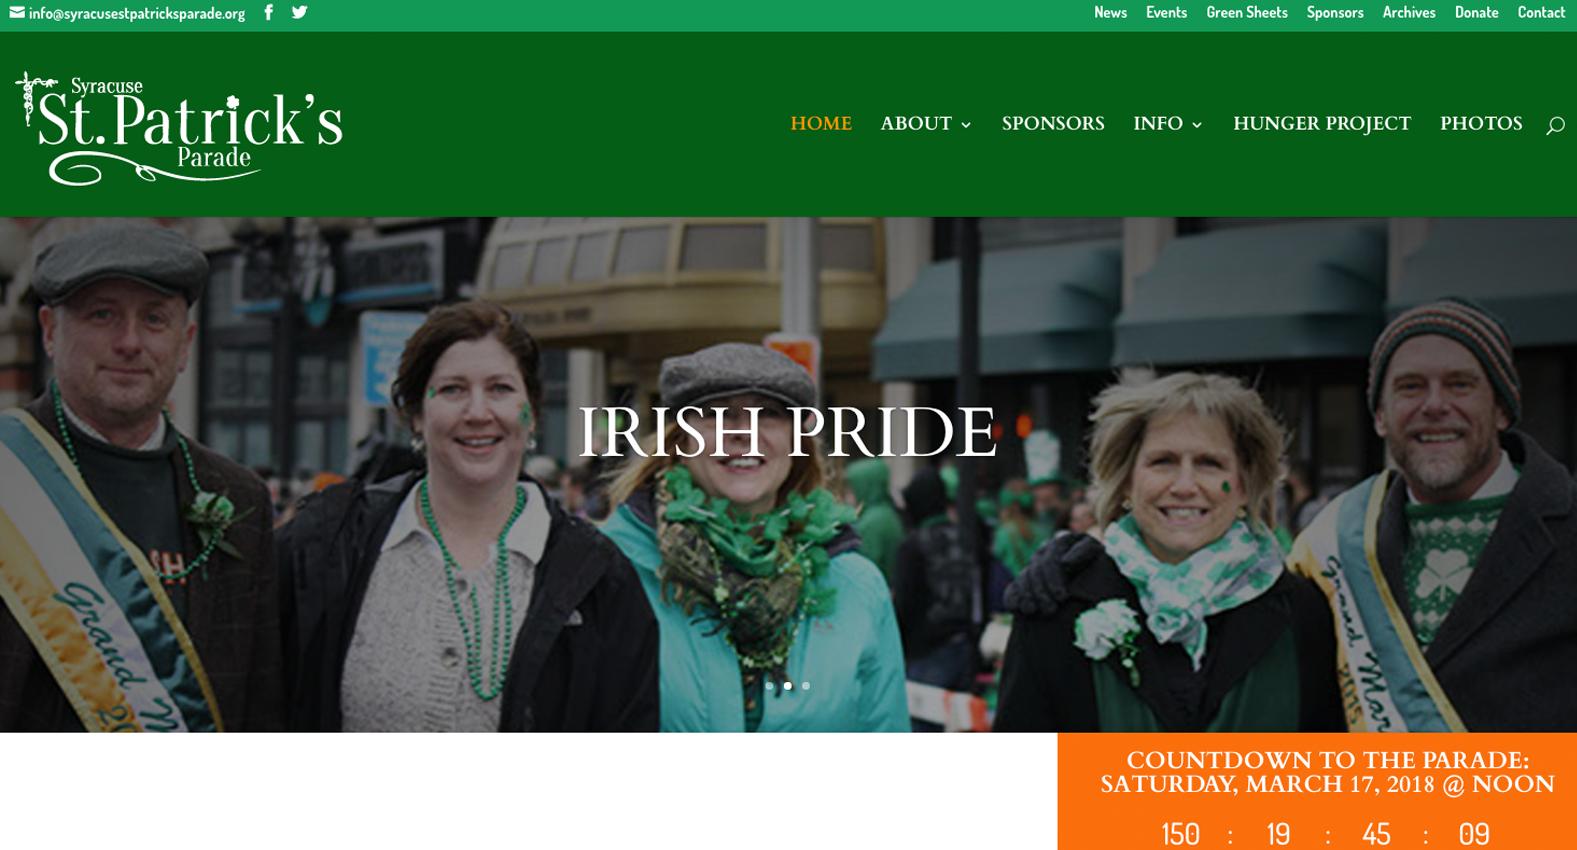 St. Patrick's Parade Day Parade